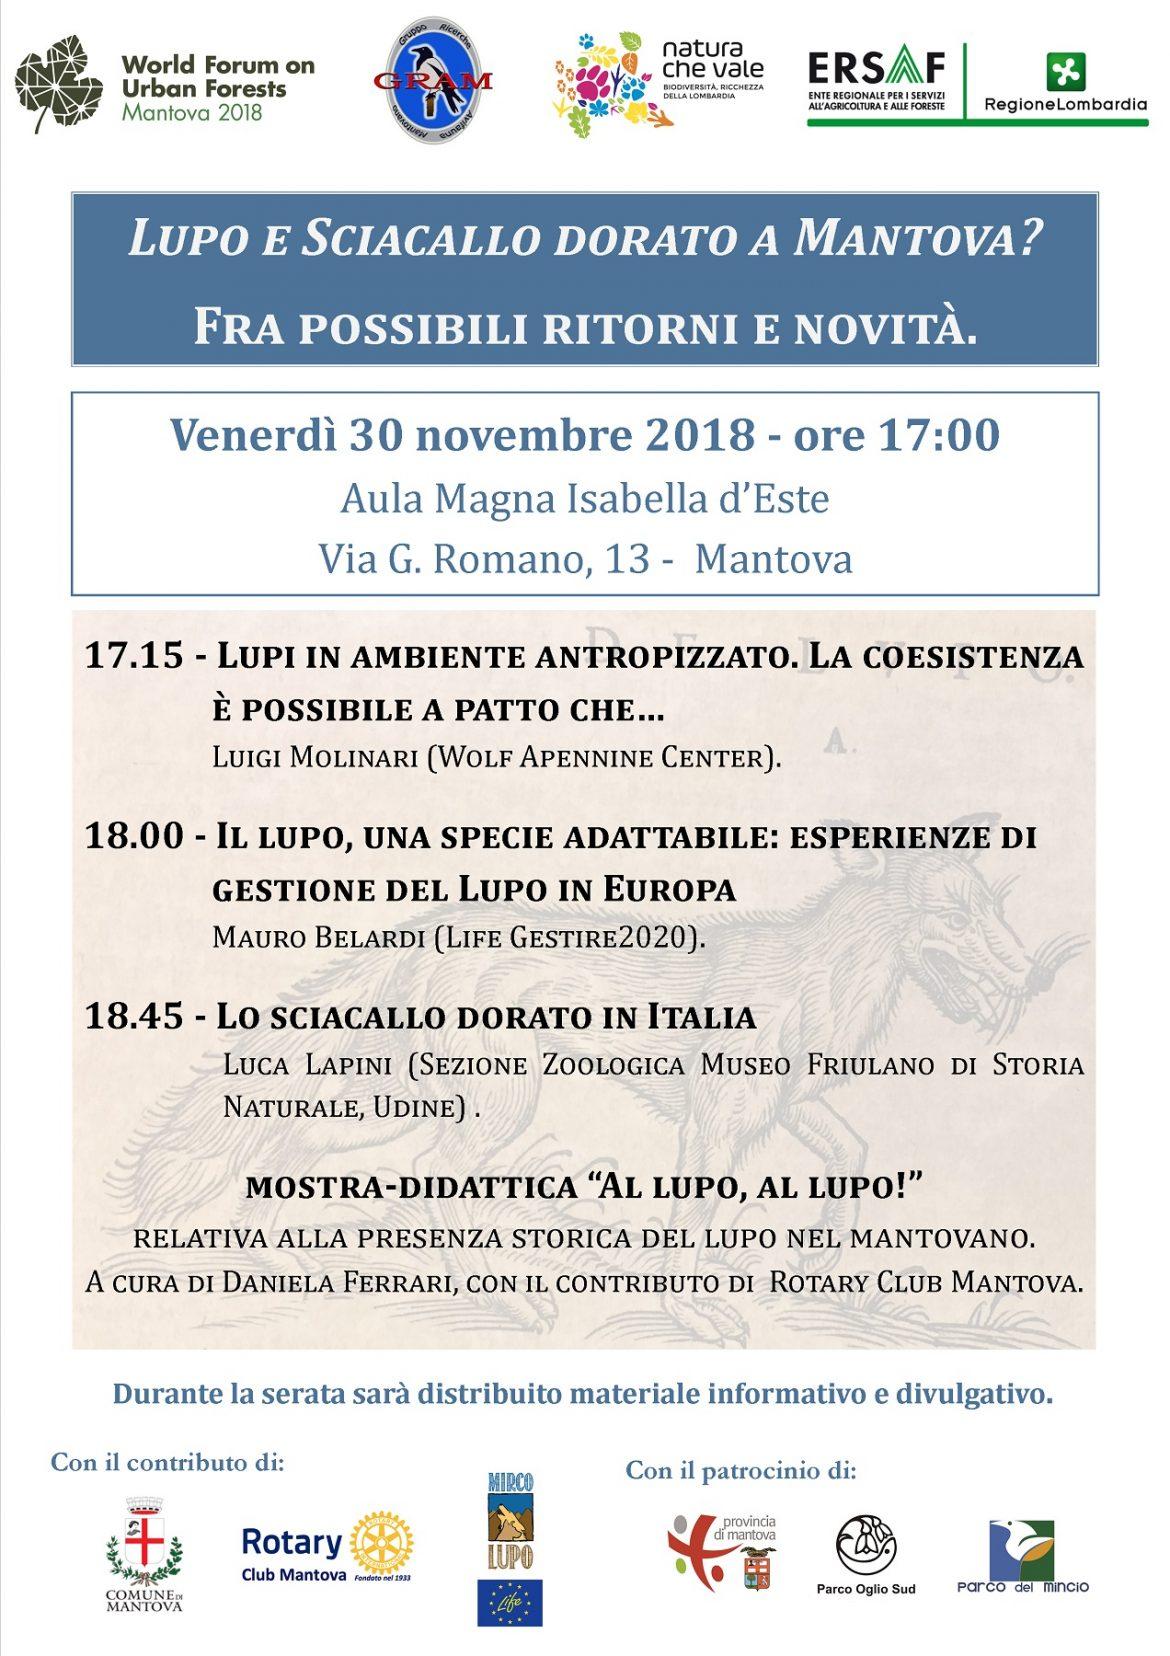 Lupo-e-sciacallo-dorato-a-Mantova-30-novembre.jpg